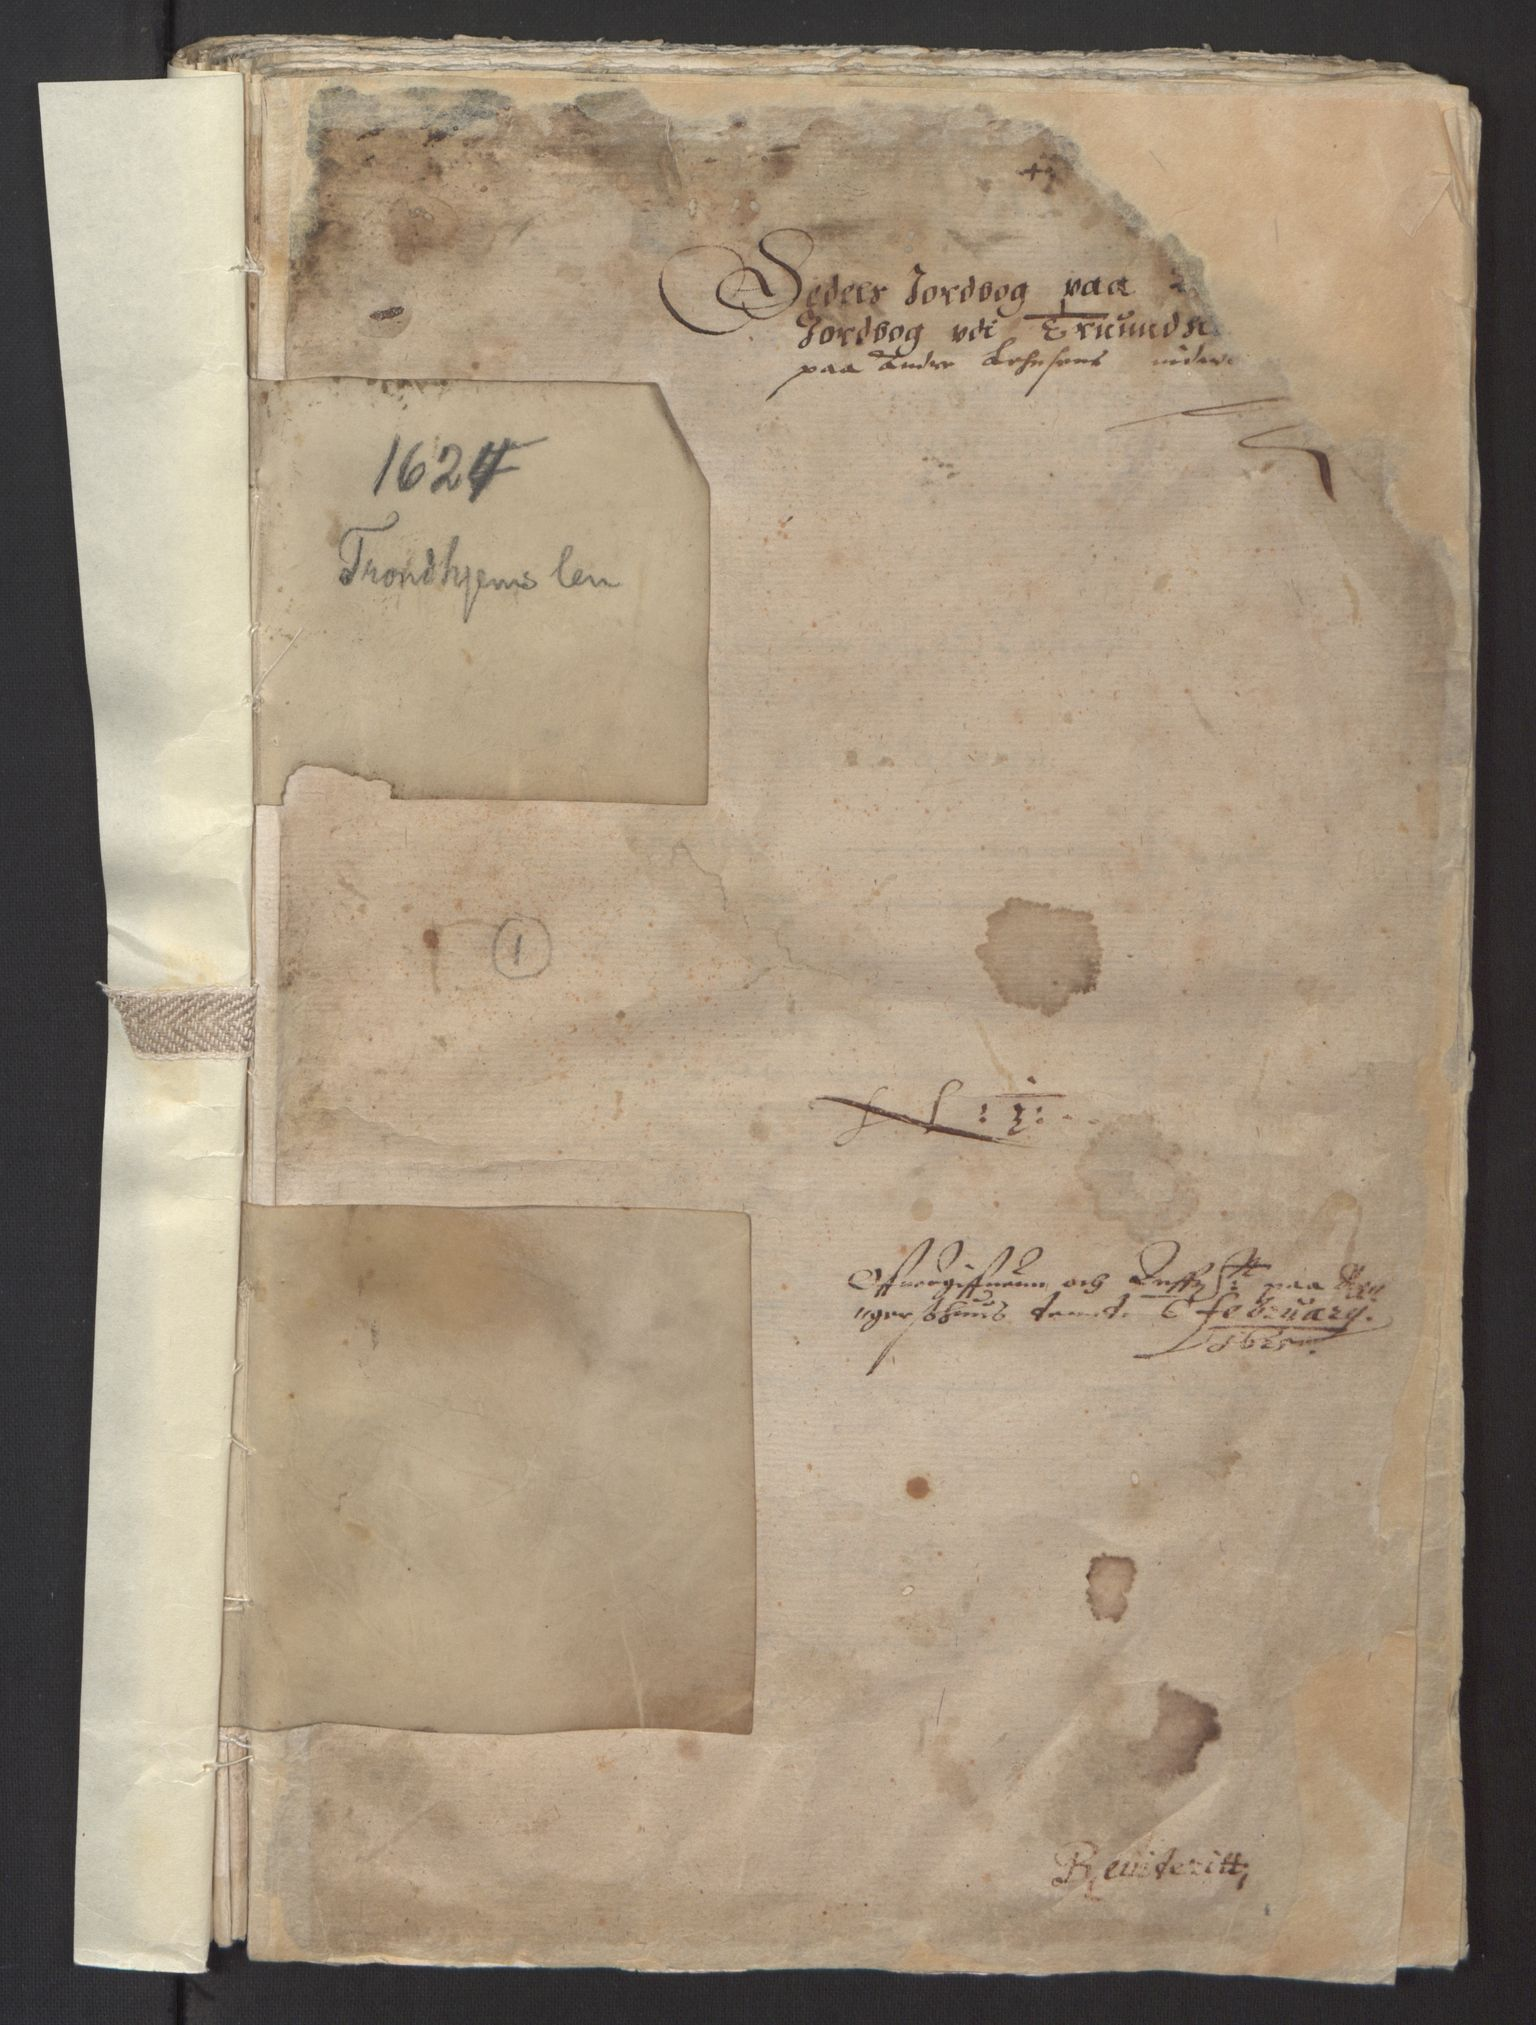 RA, Stattholderembetet 1572-1771, Ek/L0013: Jordebøker til utlikning av rosstjeneste 1624-1626:, 1624-1625, s. 3